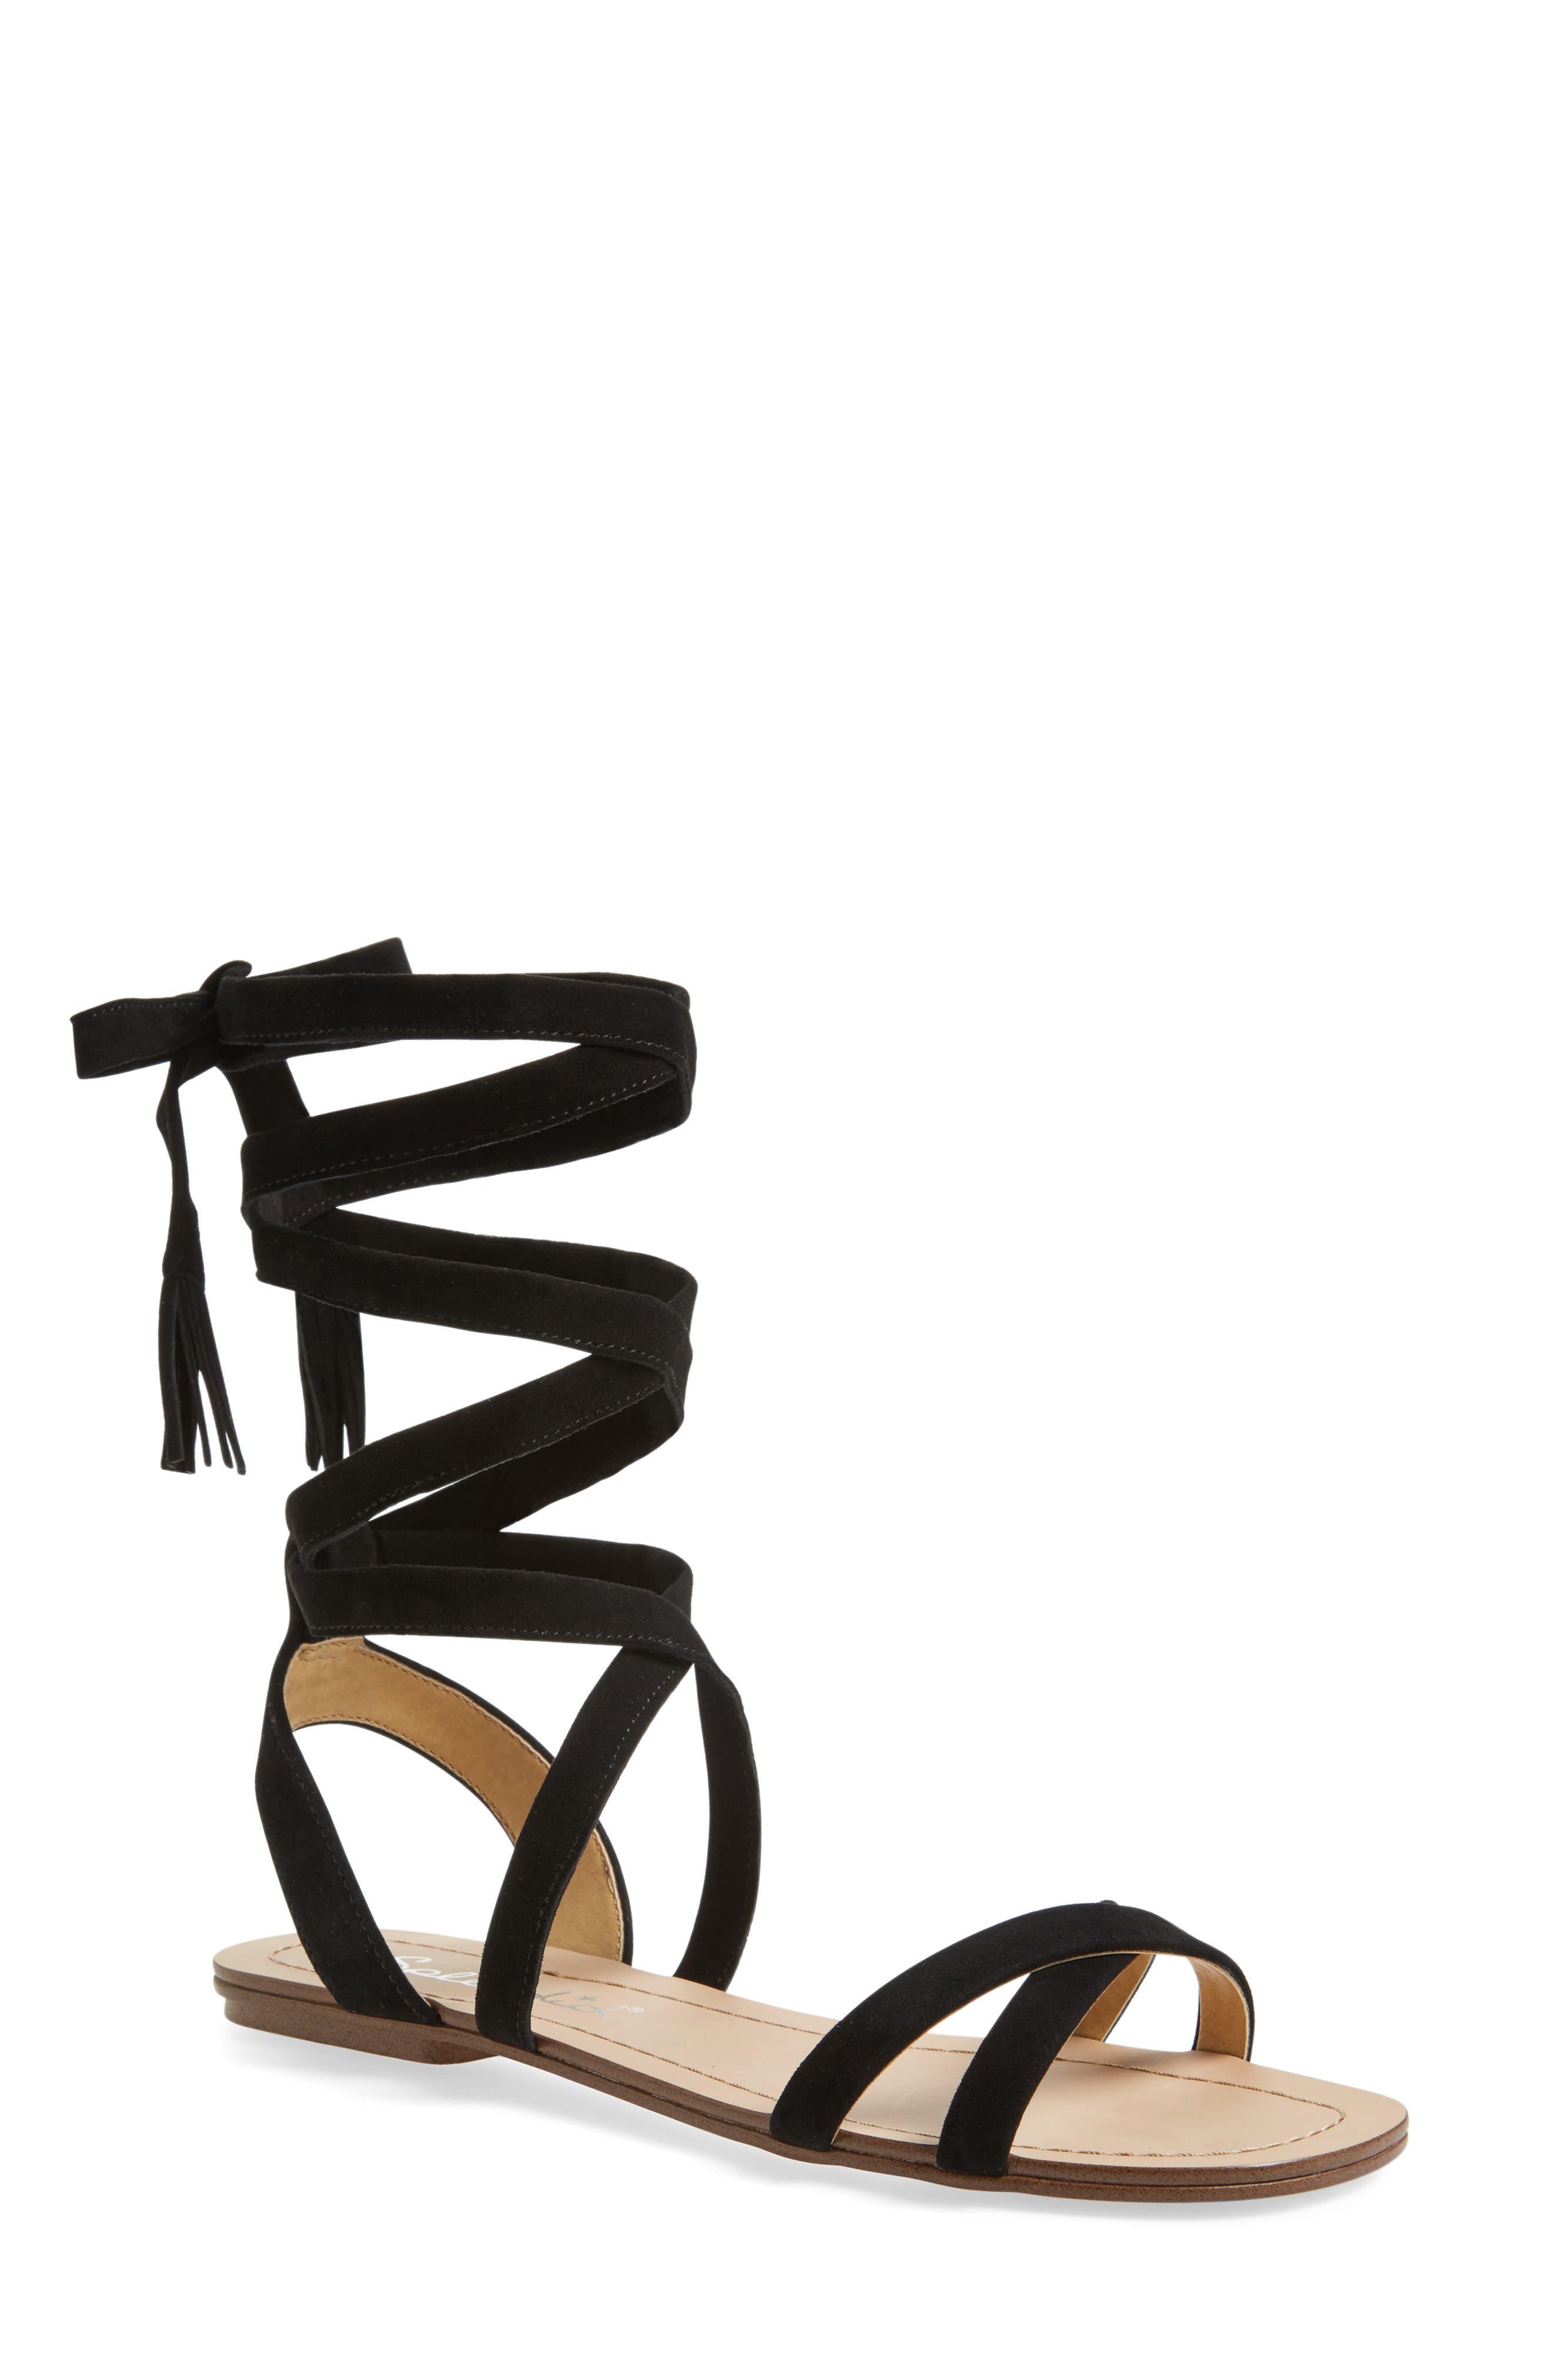 Alternate Image 1 Selected - Splendid Janelle Sandal (Women)